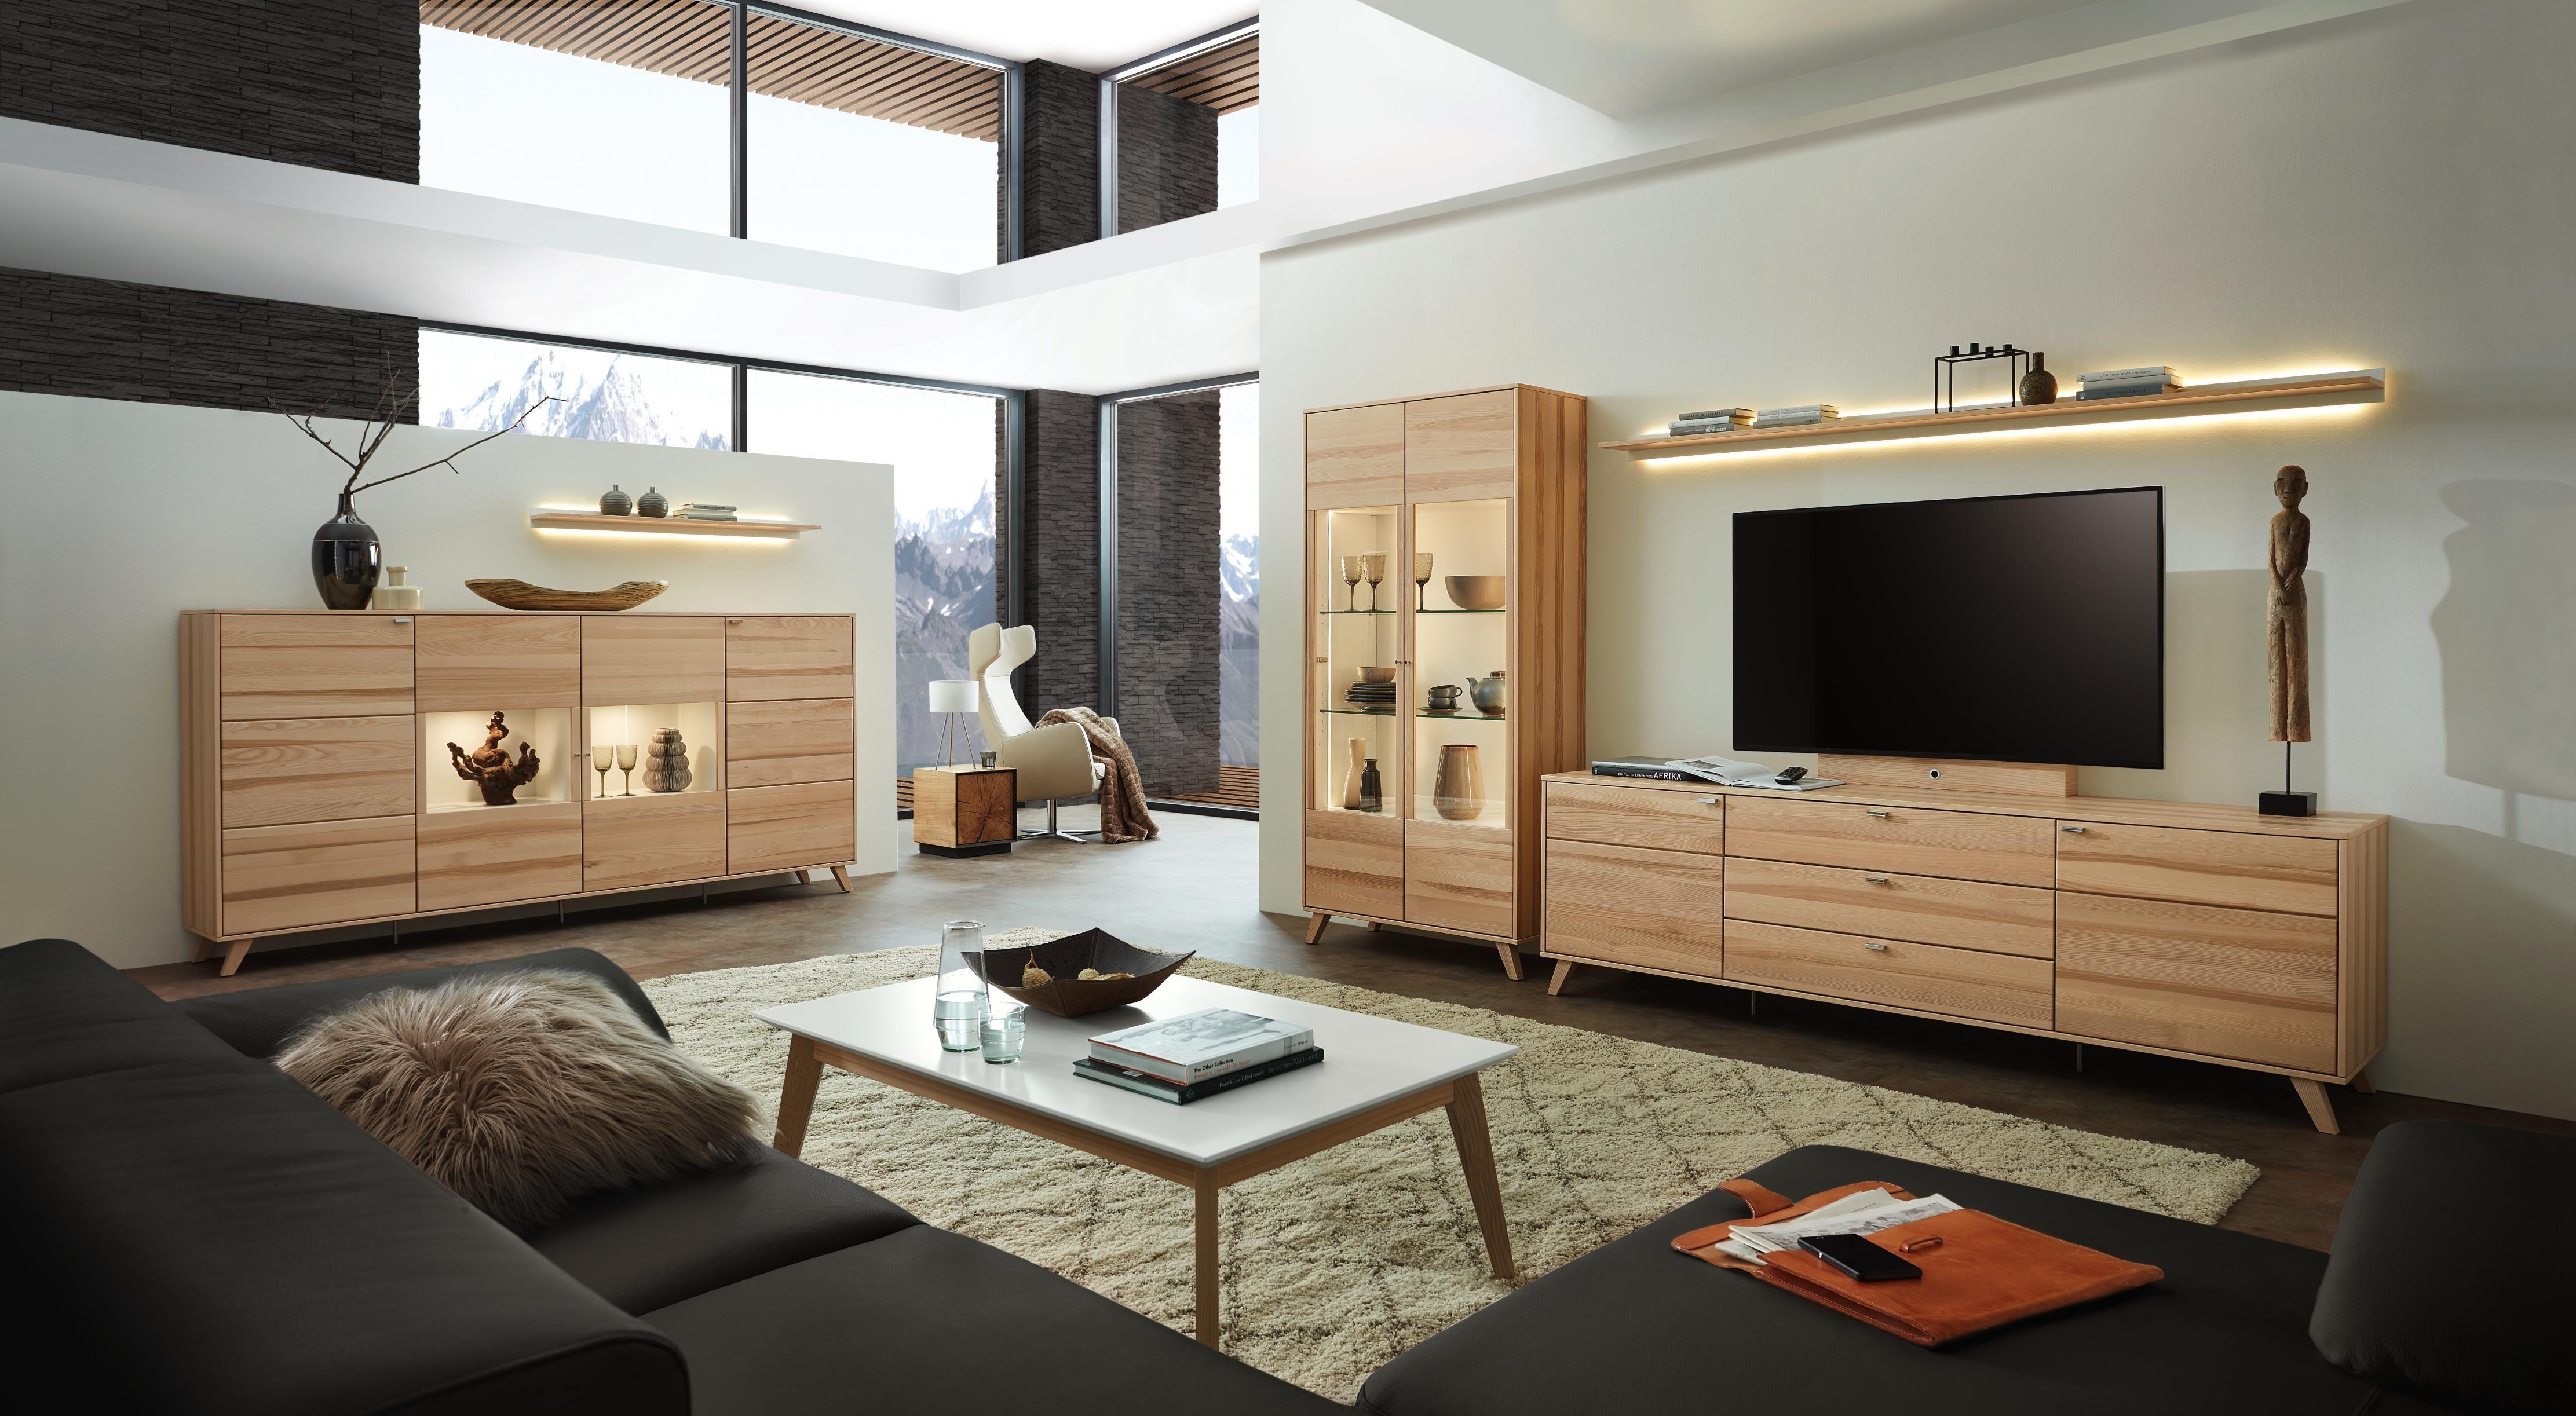 Alter Wohnzimmerschrank ~ Wohnwand in eschefarben von invivus wohnwände pinterest